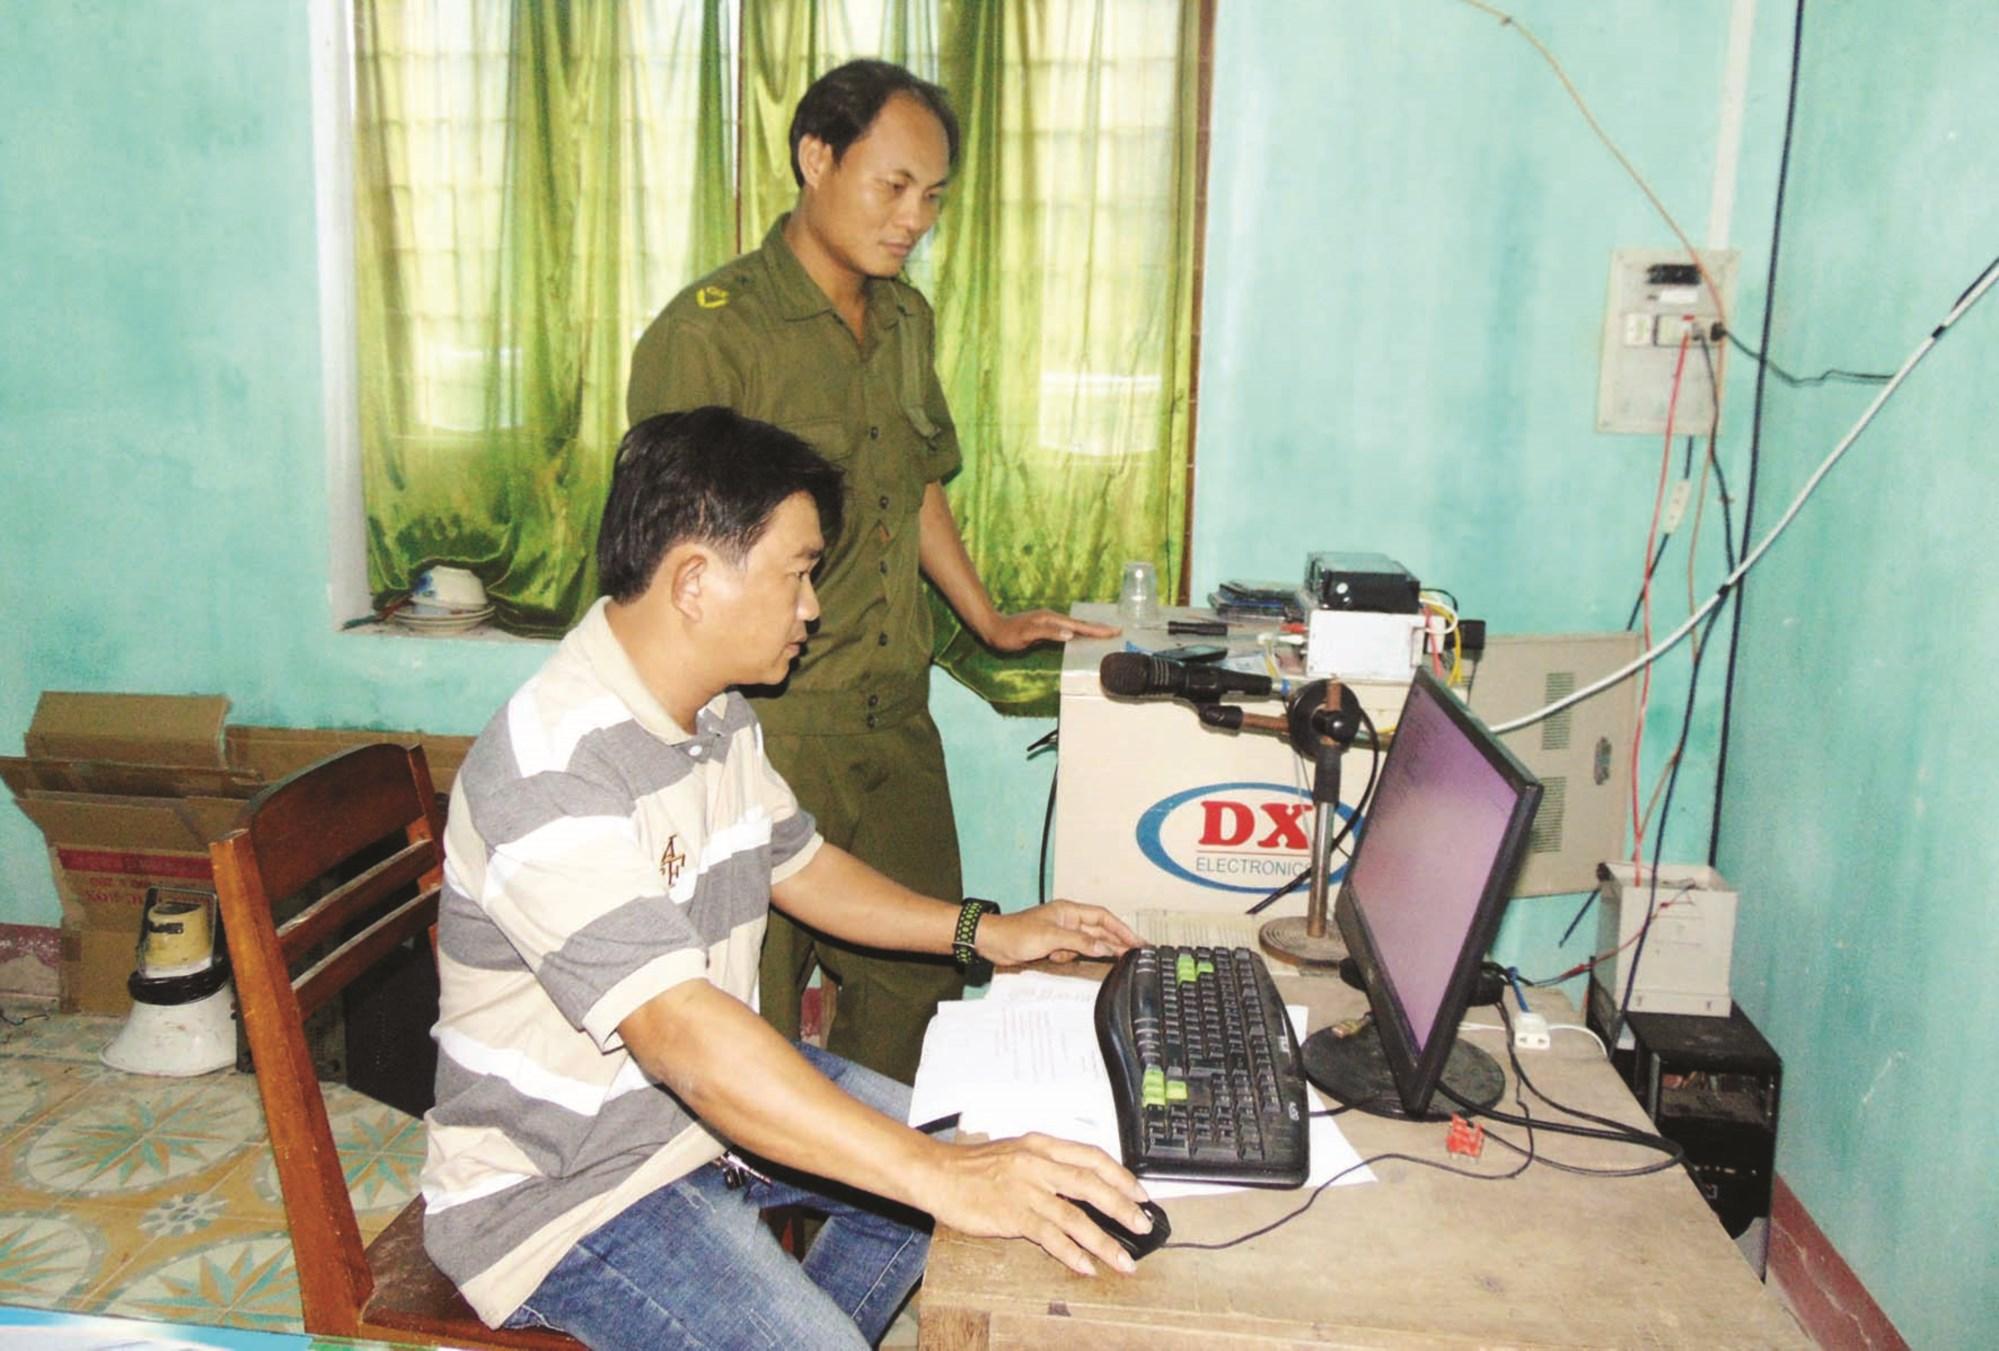 Công an xã Bình Đào và cán bộ Đài truyền thanh kiểm tra trung tâm điều khiển hệ thống loa phát thanh.